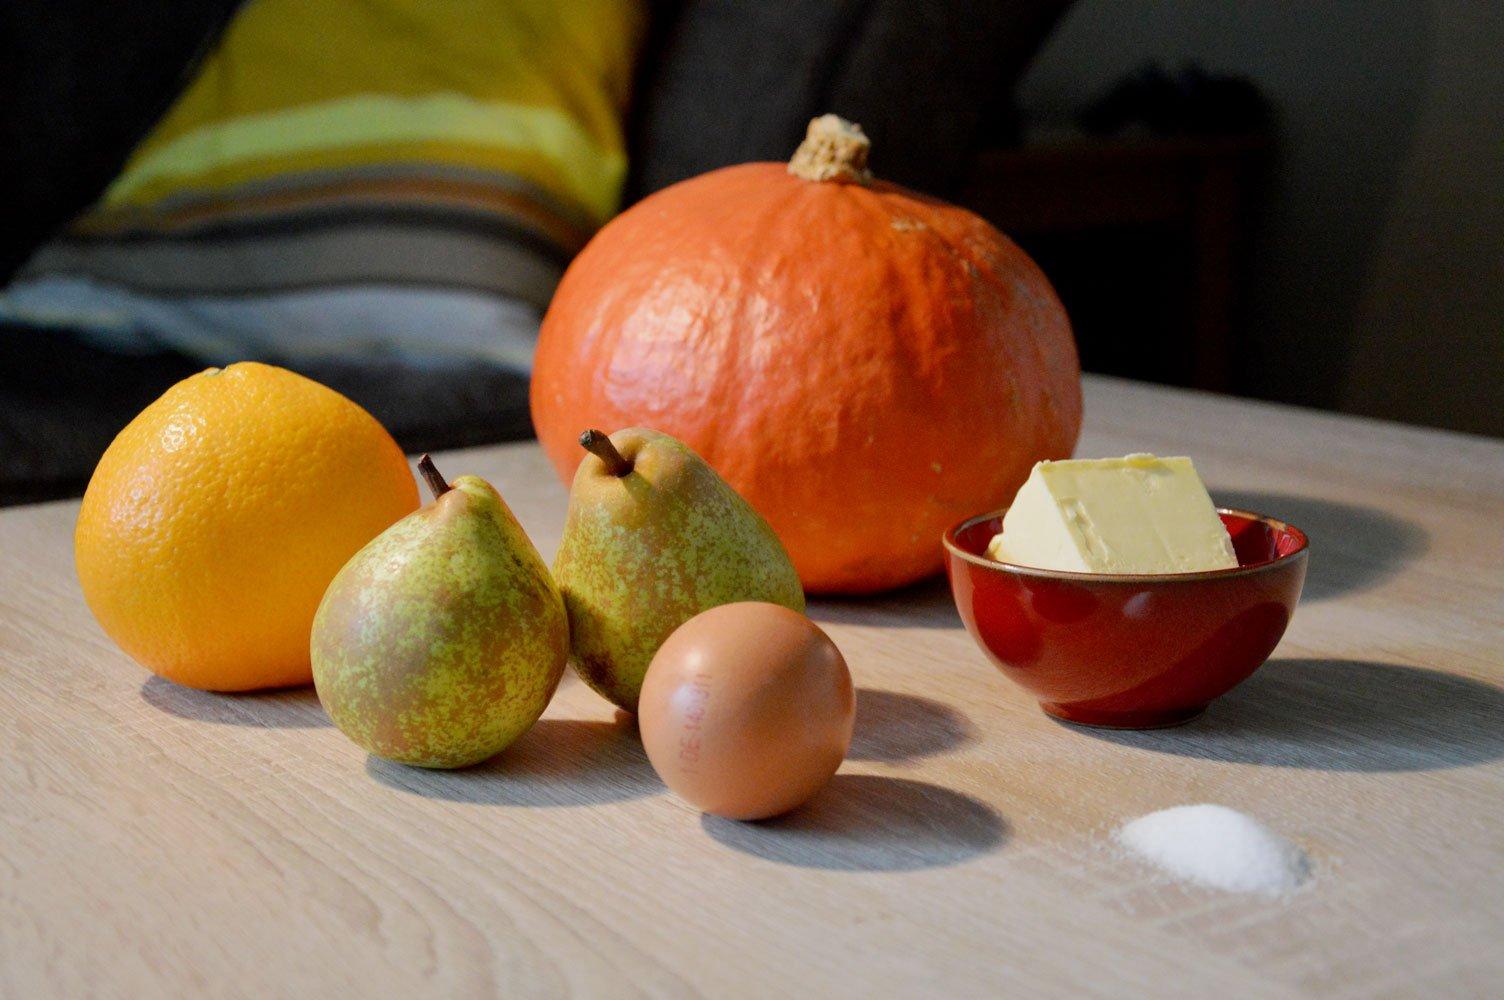 Die Zutaten zum Backen: Kürbis, Birne, Orange, Butter, Mehl, Ei